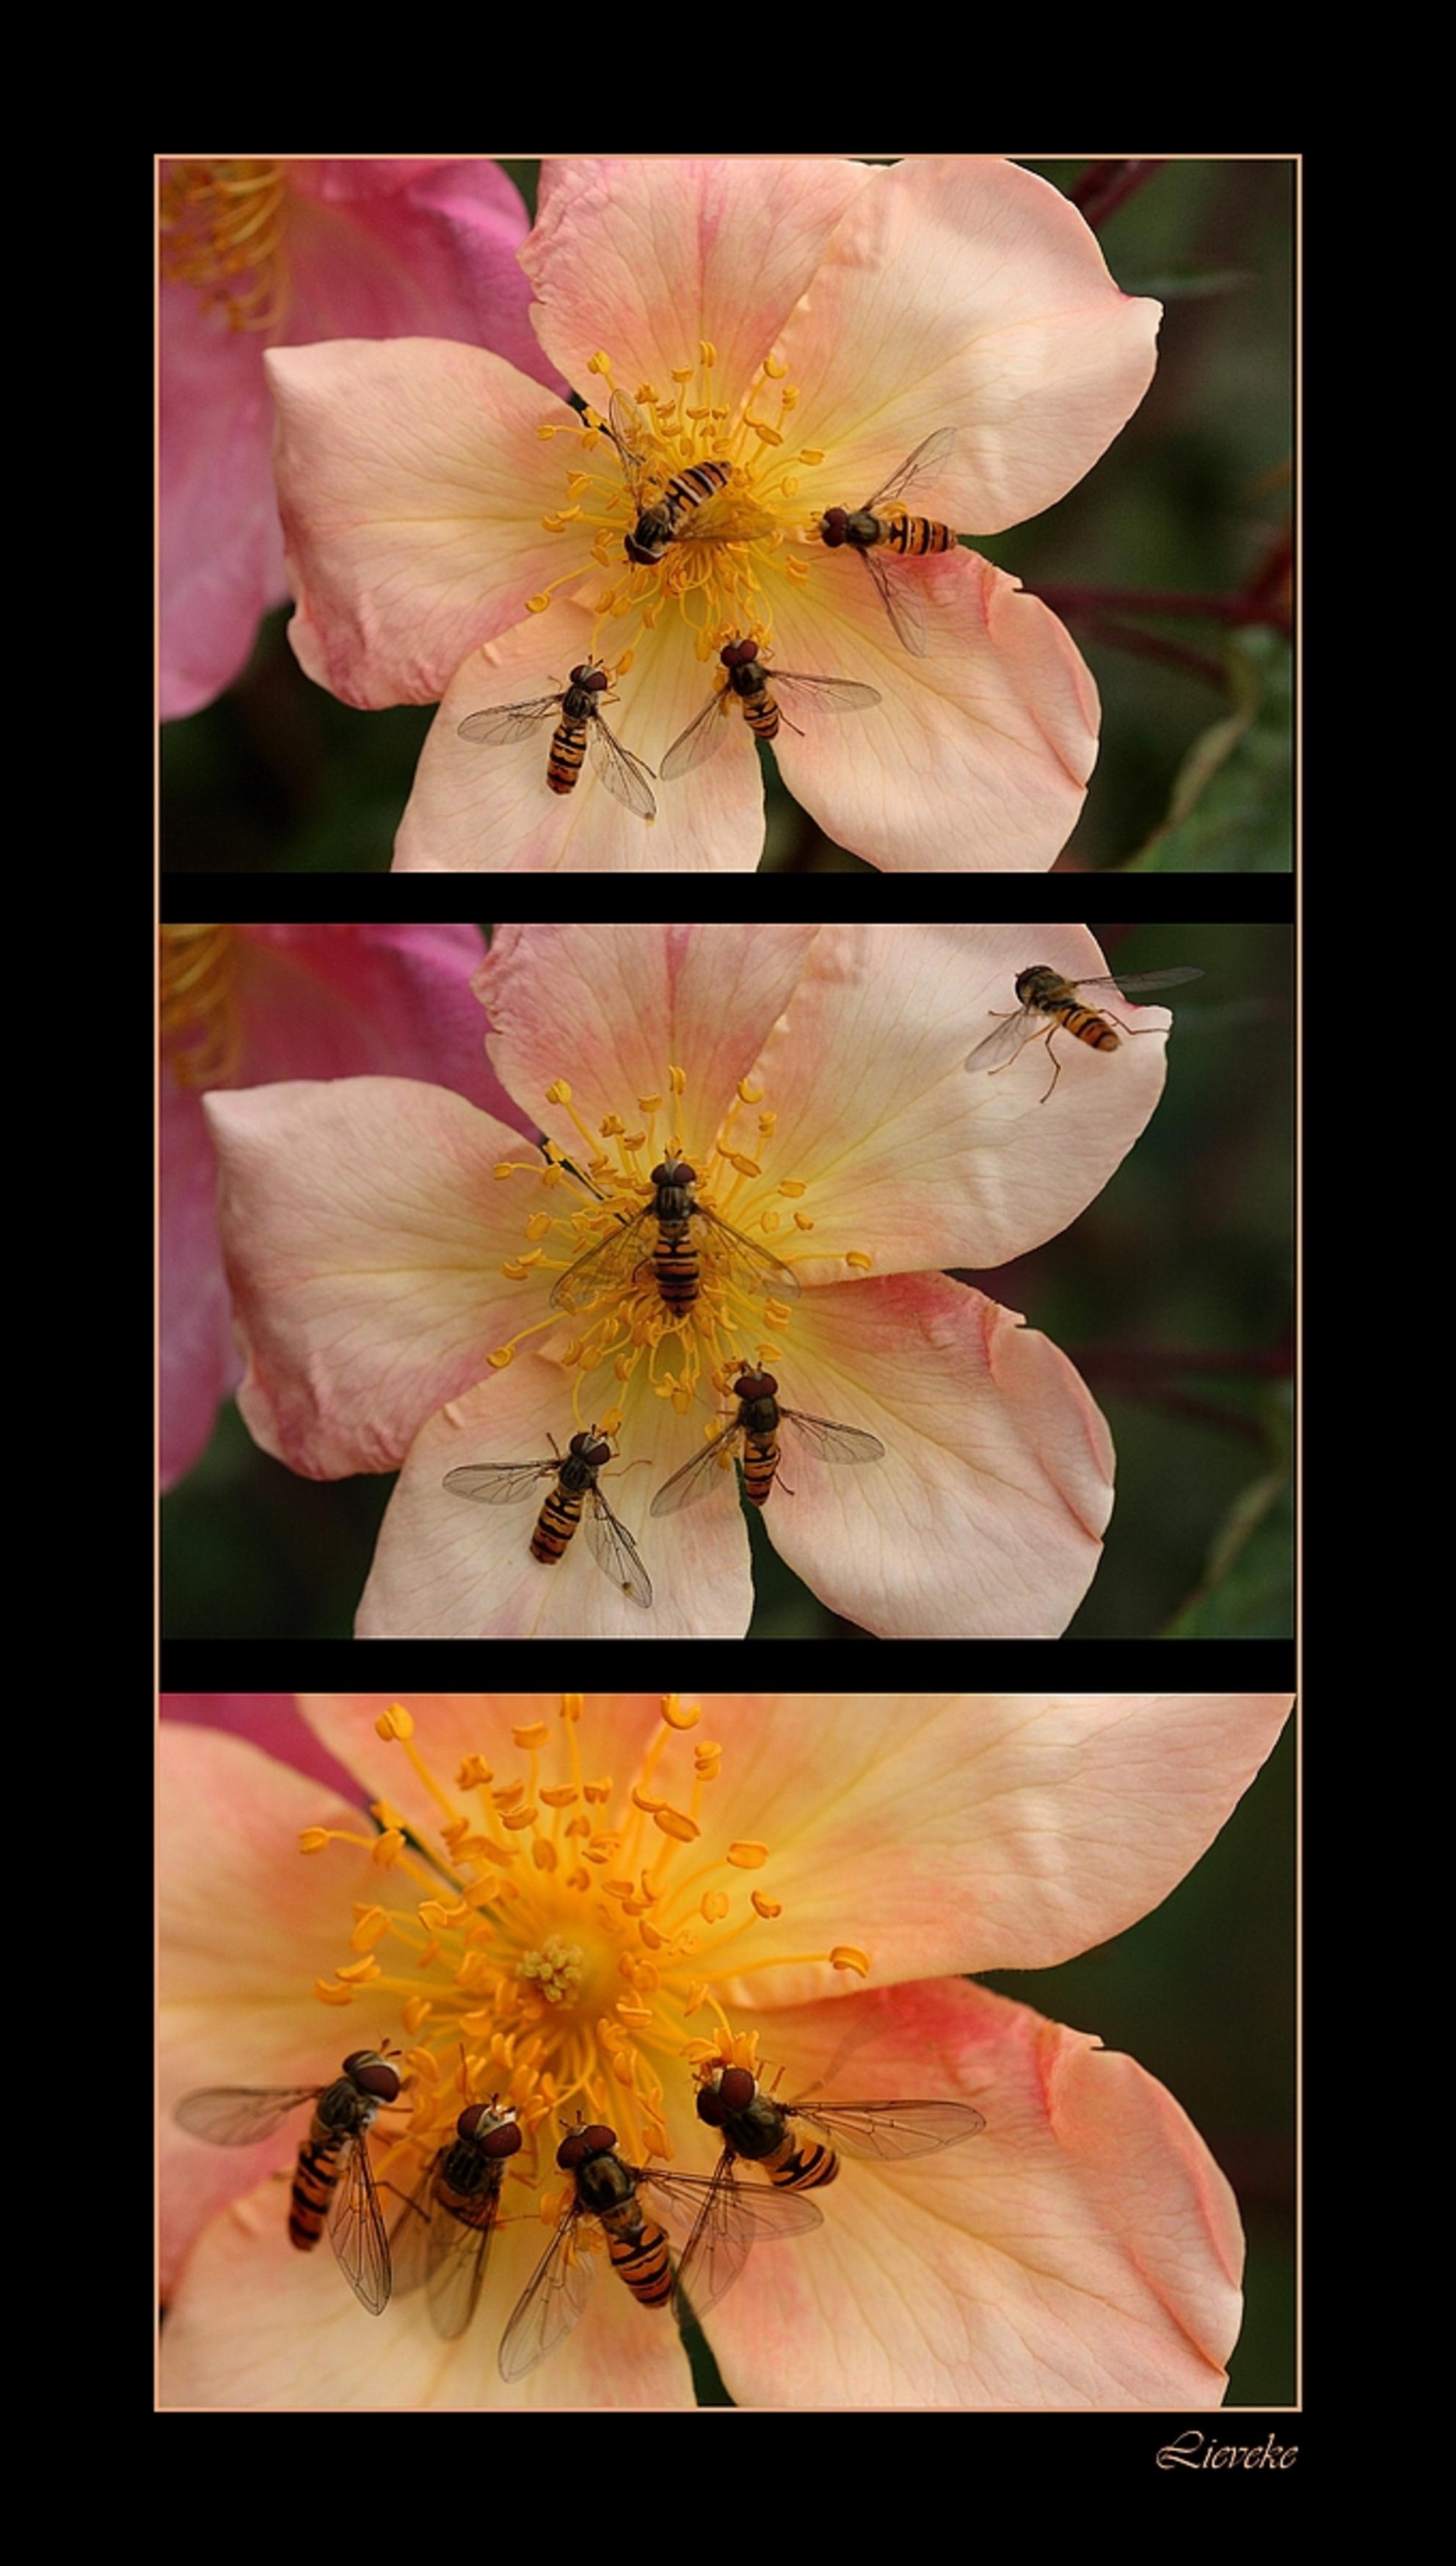 Pink ribbon druk bezochte roos - Nog even een drieluik gemaakt , spijtig dat ze niet voor 3 telt om de  1000 te halen .... - foto door lieveke_zoom op 31-10-2008 - deze foto bevat: roze, bloem, pink, roos, zweefvlieg, rozen, insecten, zweefvliegen, insect, collage, drieluik, ribbon, lint, lieveke, pink-ribbon, pink ribbon - Deze foto mag gebruikt worden in een Zoom.nl publicatie